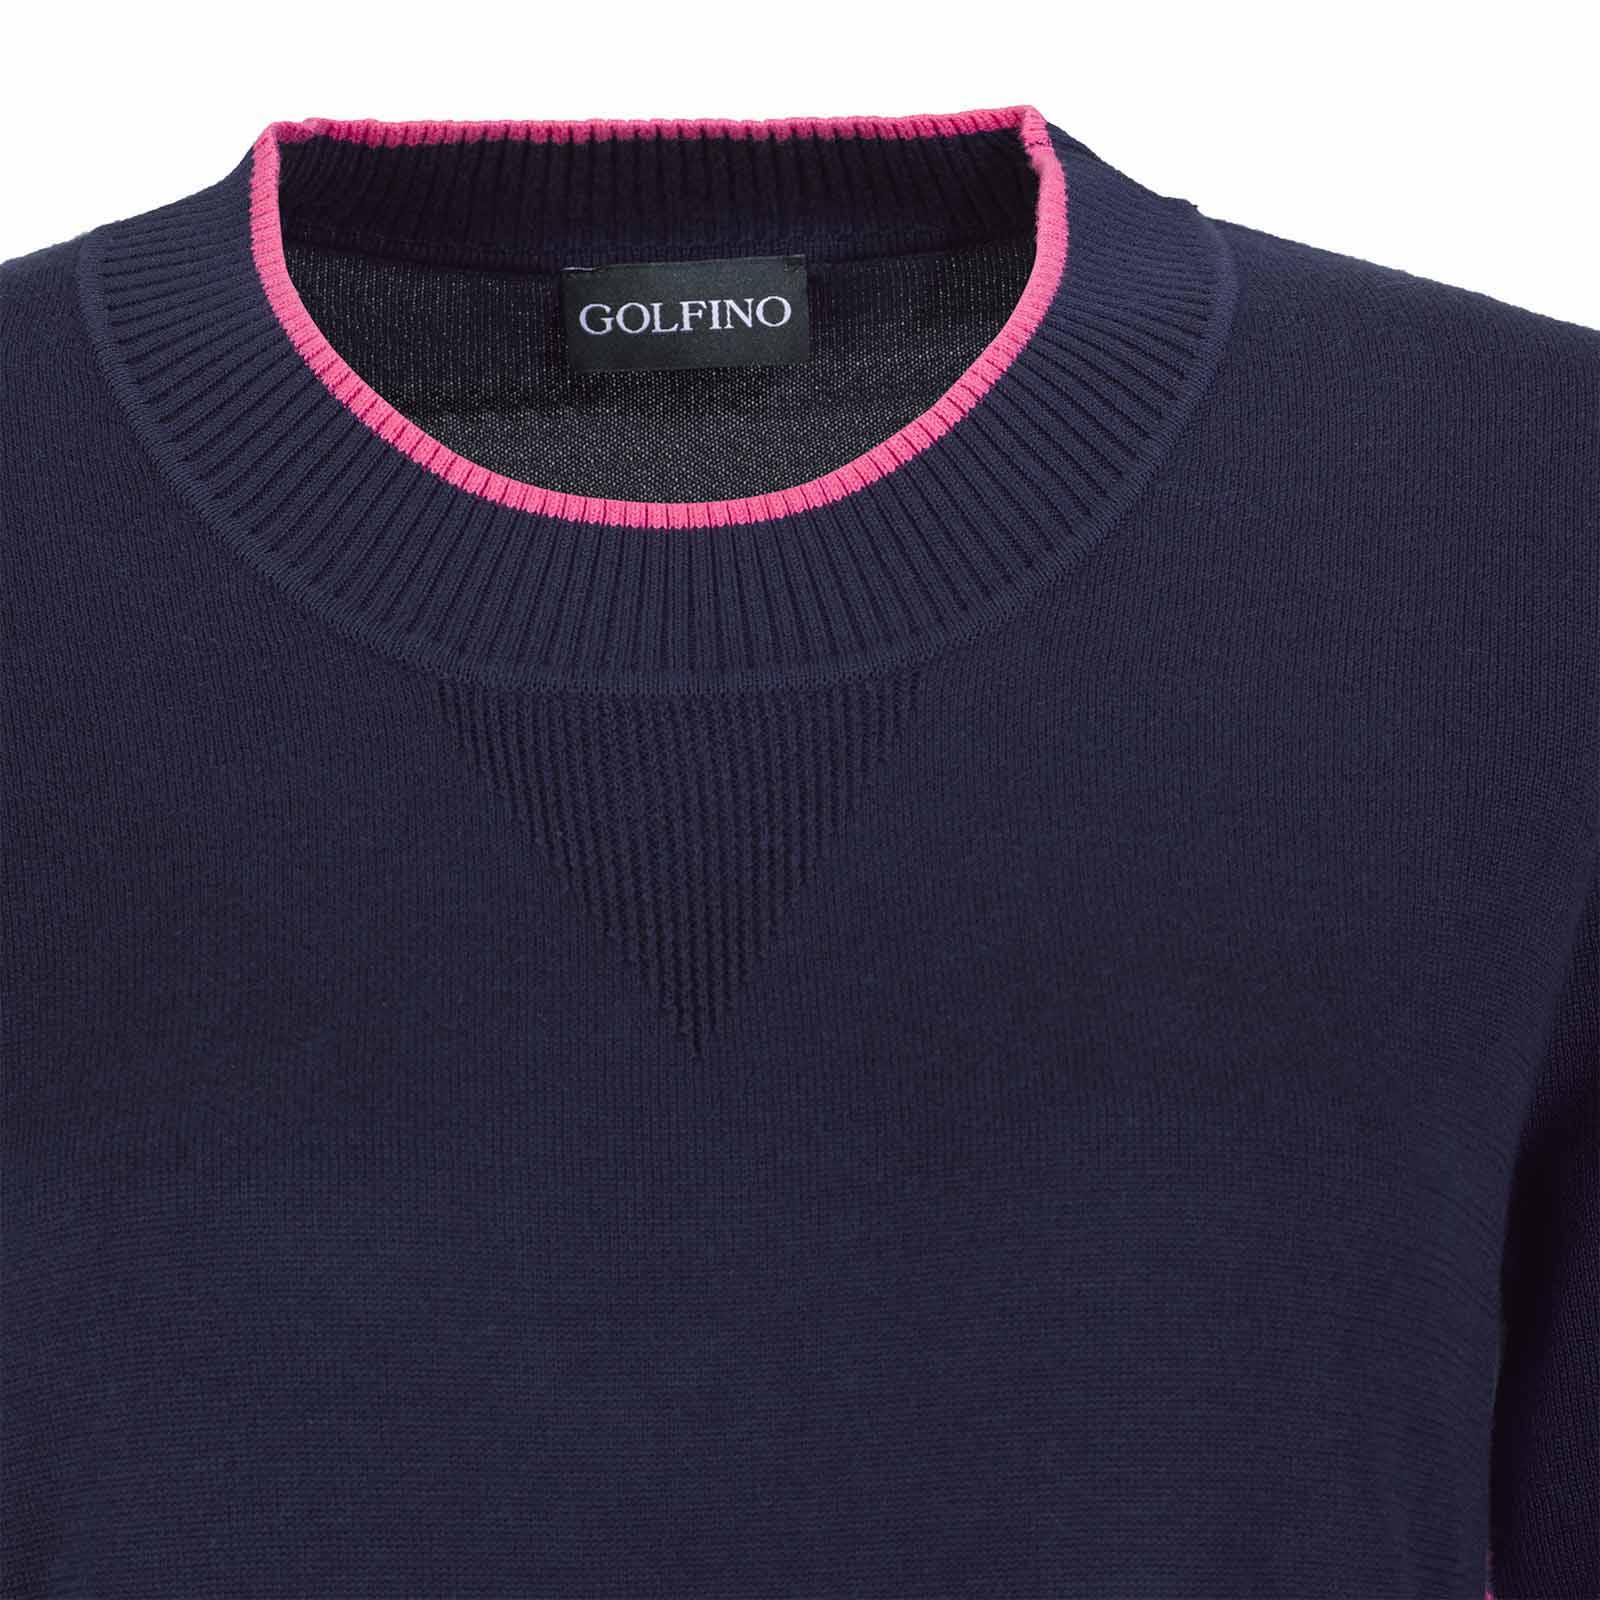 Damen Strickpullover aus besonders weicher Pima Baumwolle